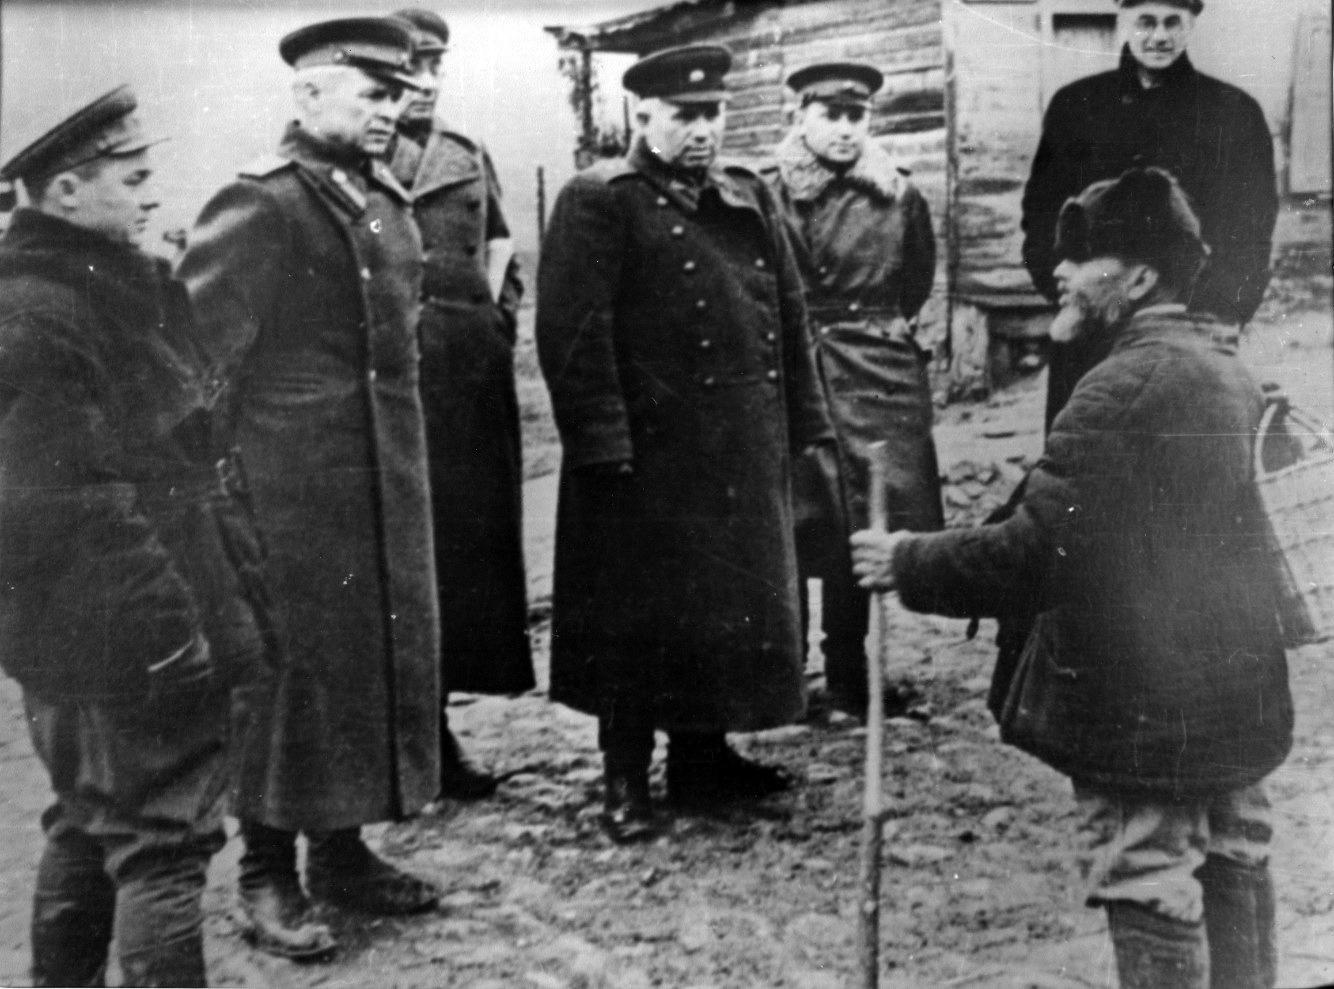 Вторая мировая. Александр Довженко (второй слева) и Никита Хрущев (четвертый слева). Отношения еще не испортились